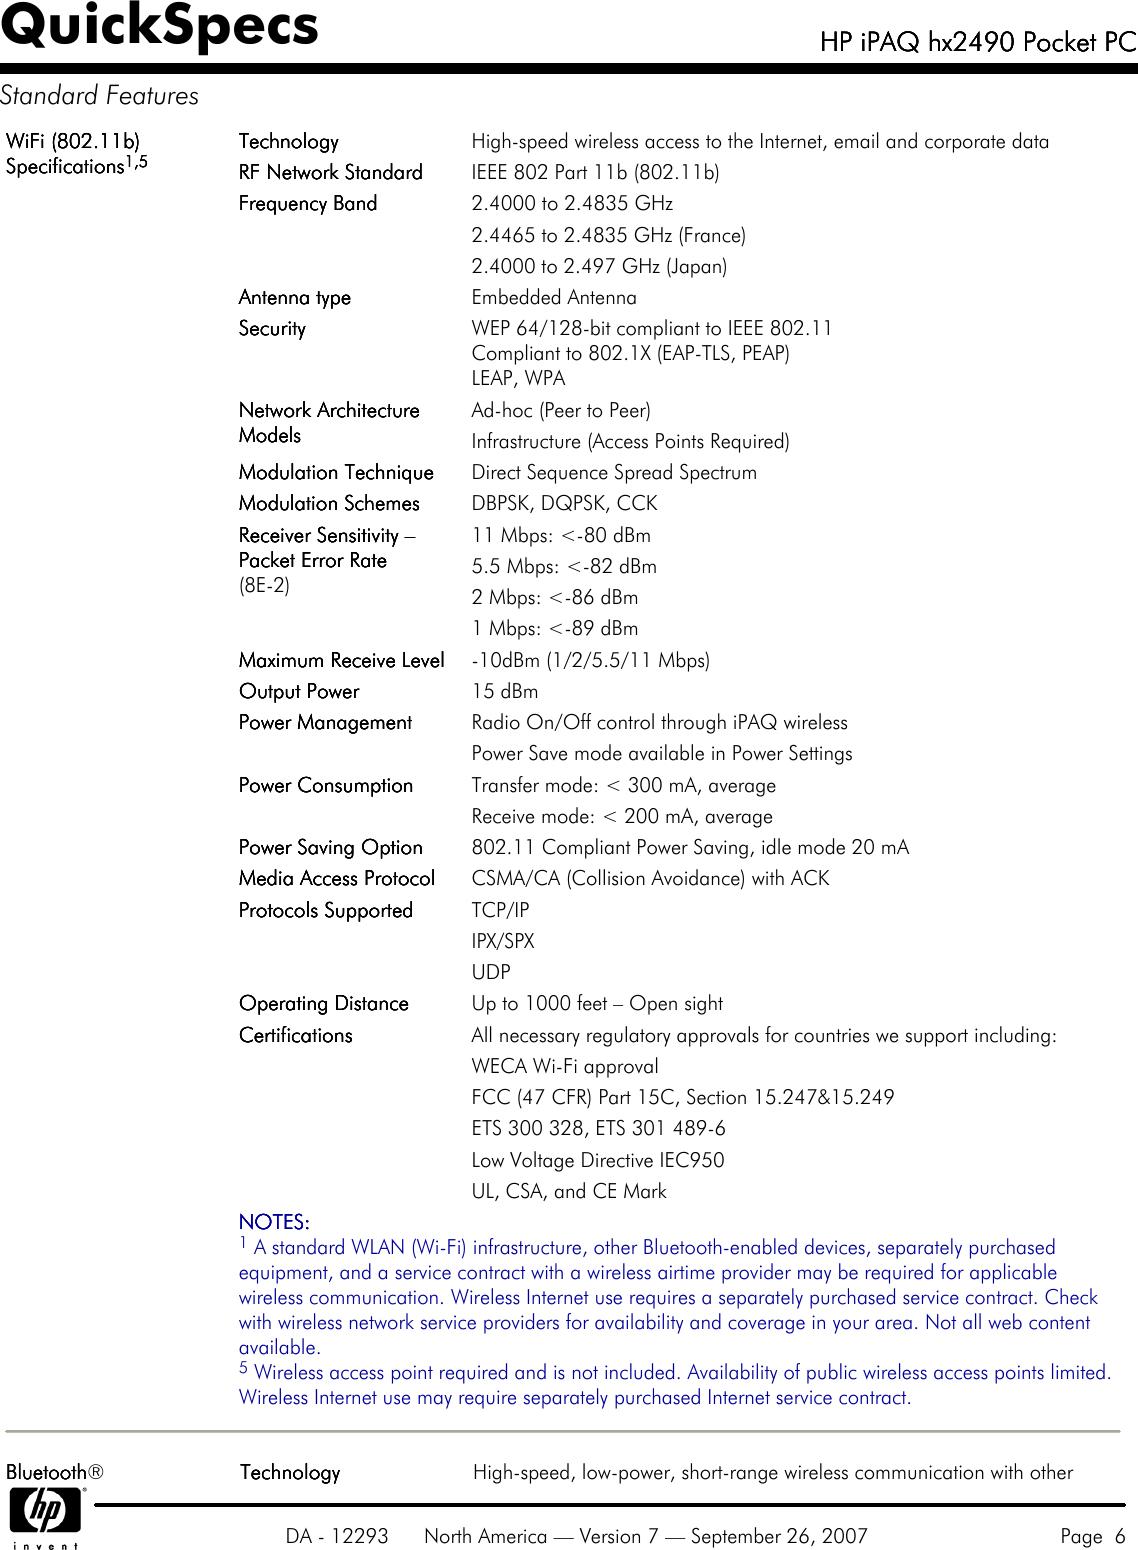 Hp Ipaq Hx2490 Users Manual Pocket PC